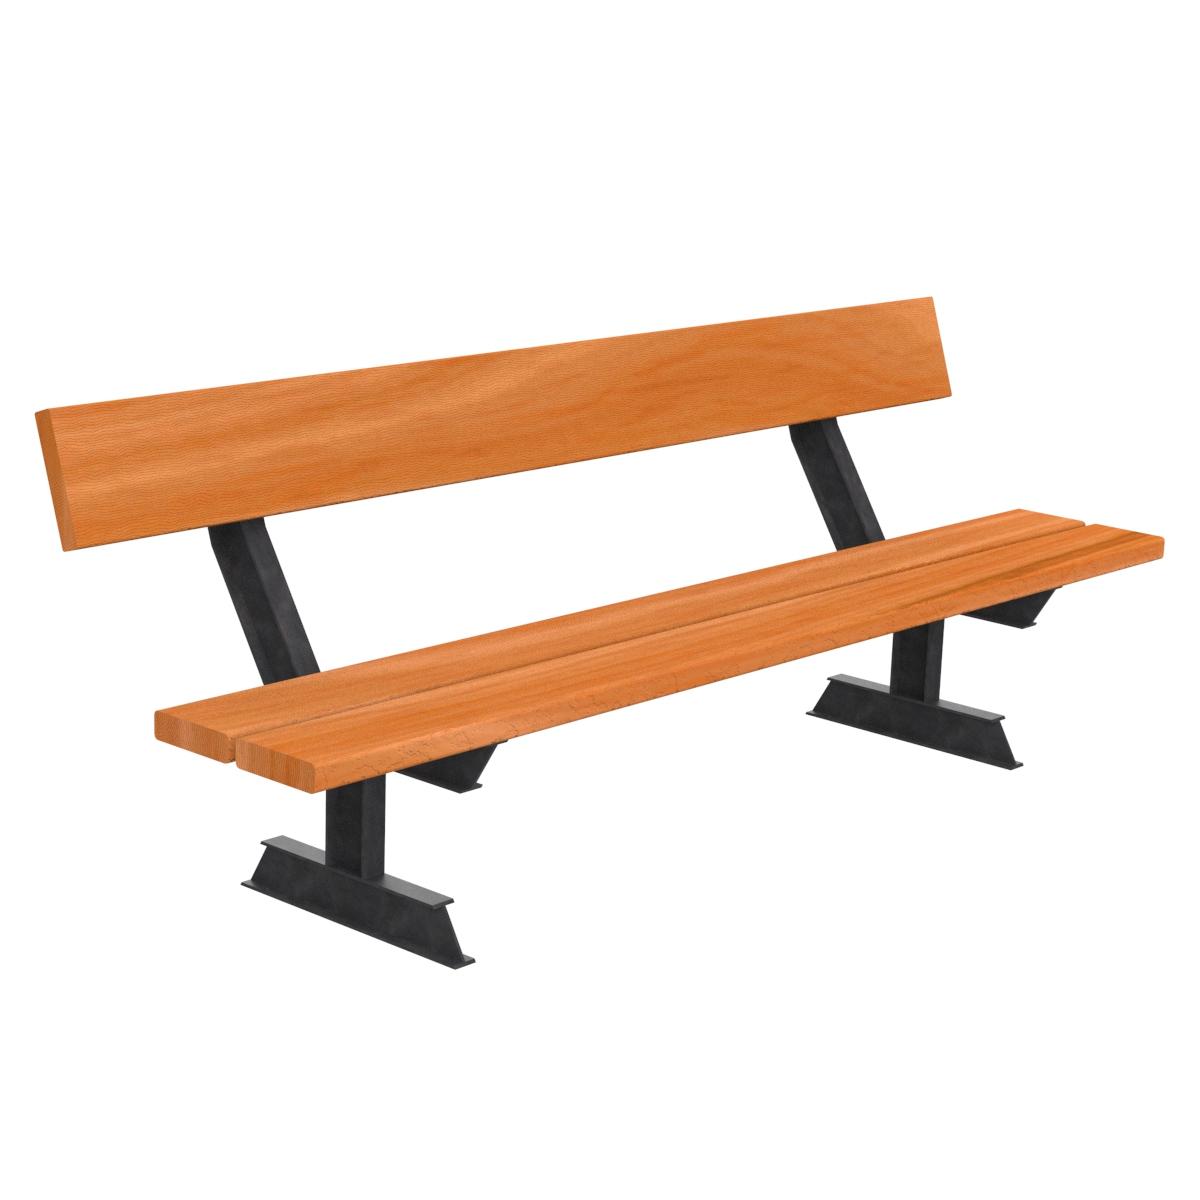 Banco madera pilar mobiliario urbano para sentarse parques for Mobiliario de jardin de madera